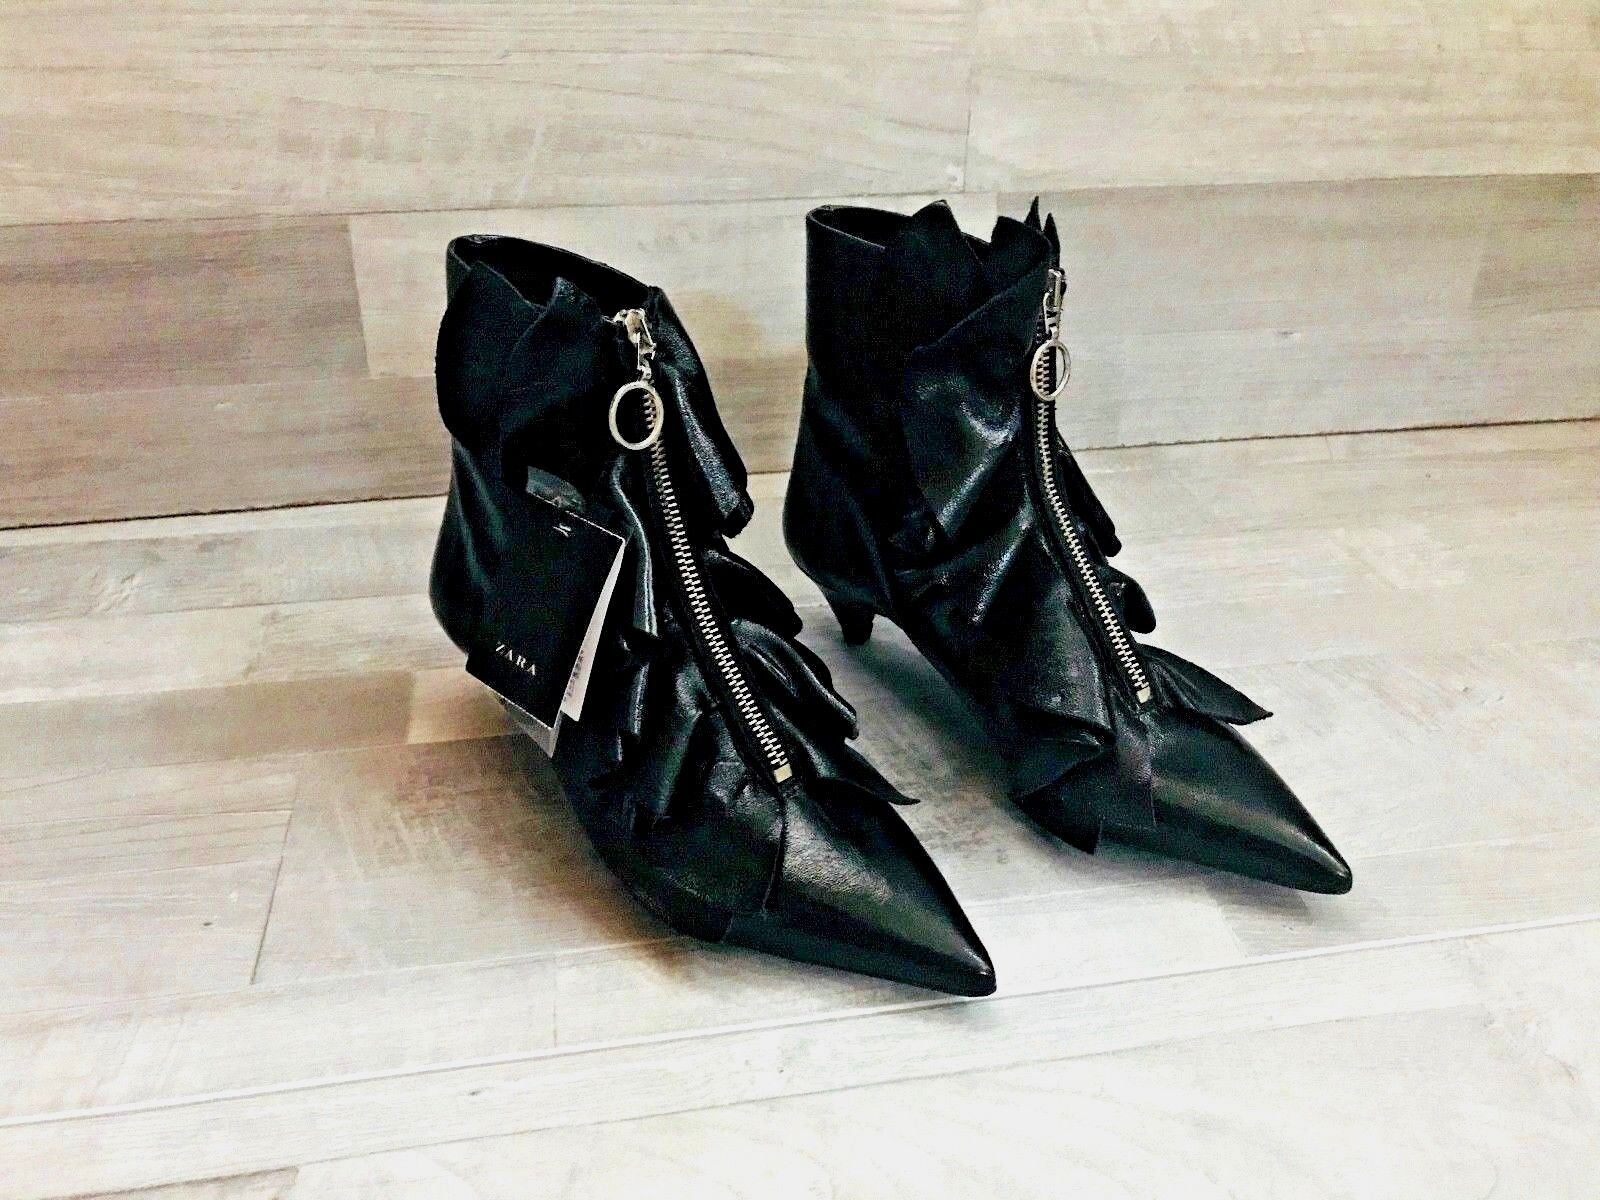 Zara mujer Zapatos Zapatos Zapatos botas Taco Alto con volantes de cuero negro con cremallera Talla EE. UU. 5 EUR 35 93f439